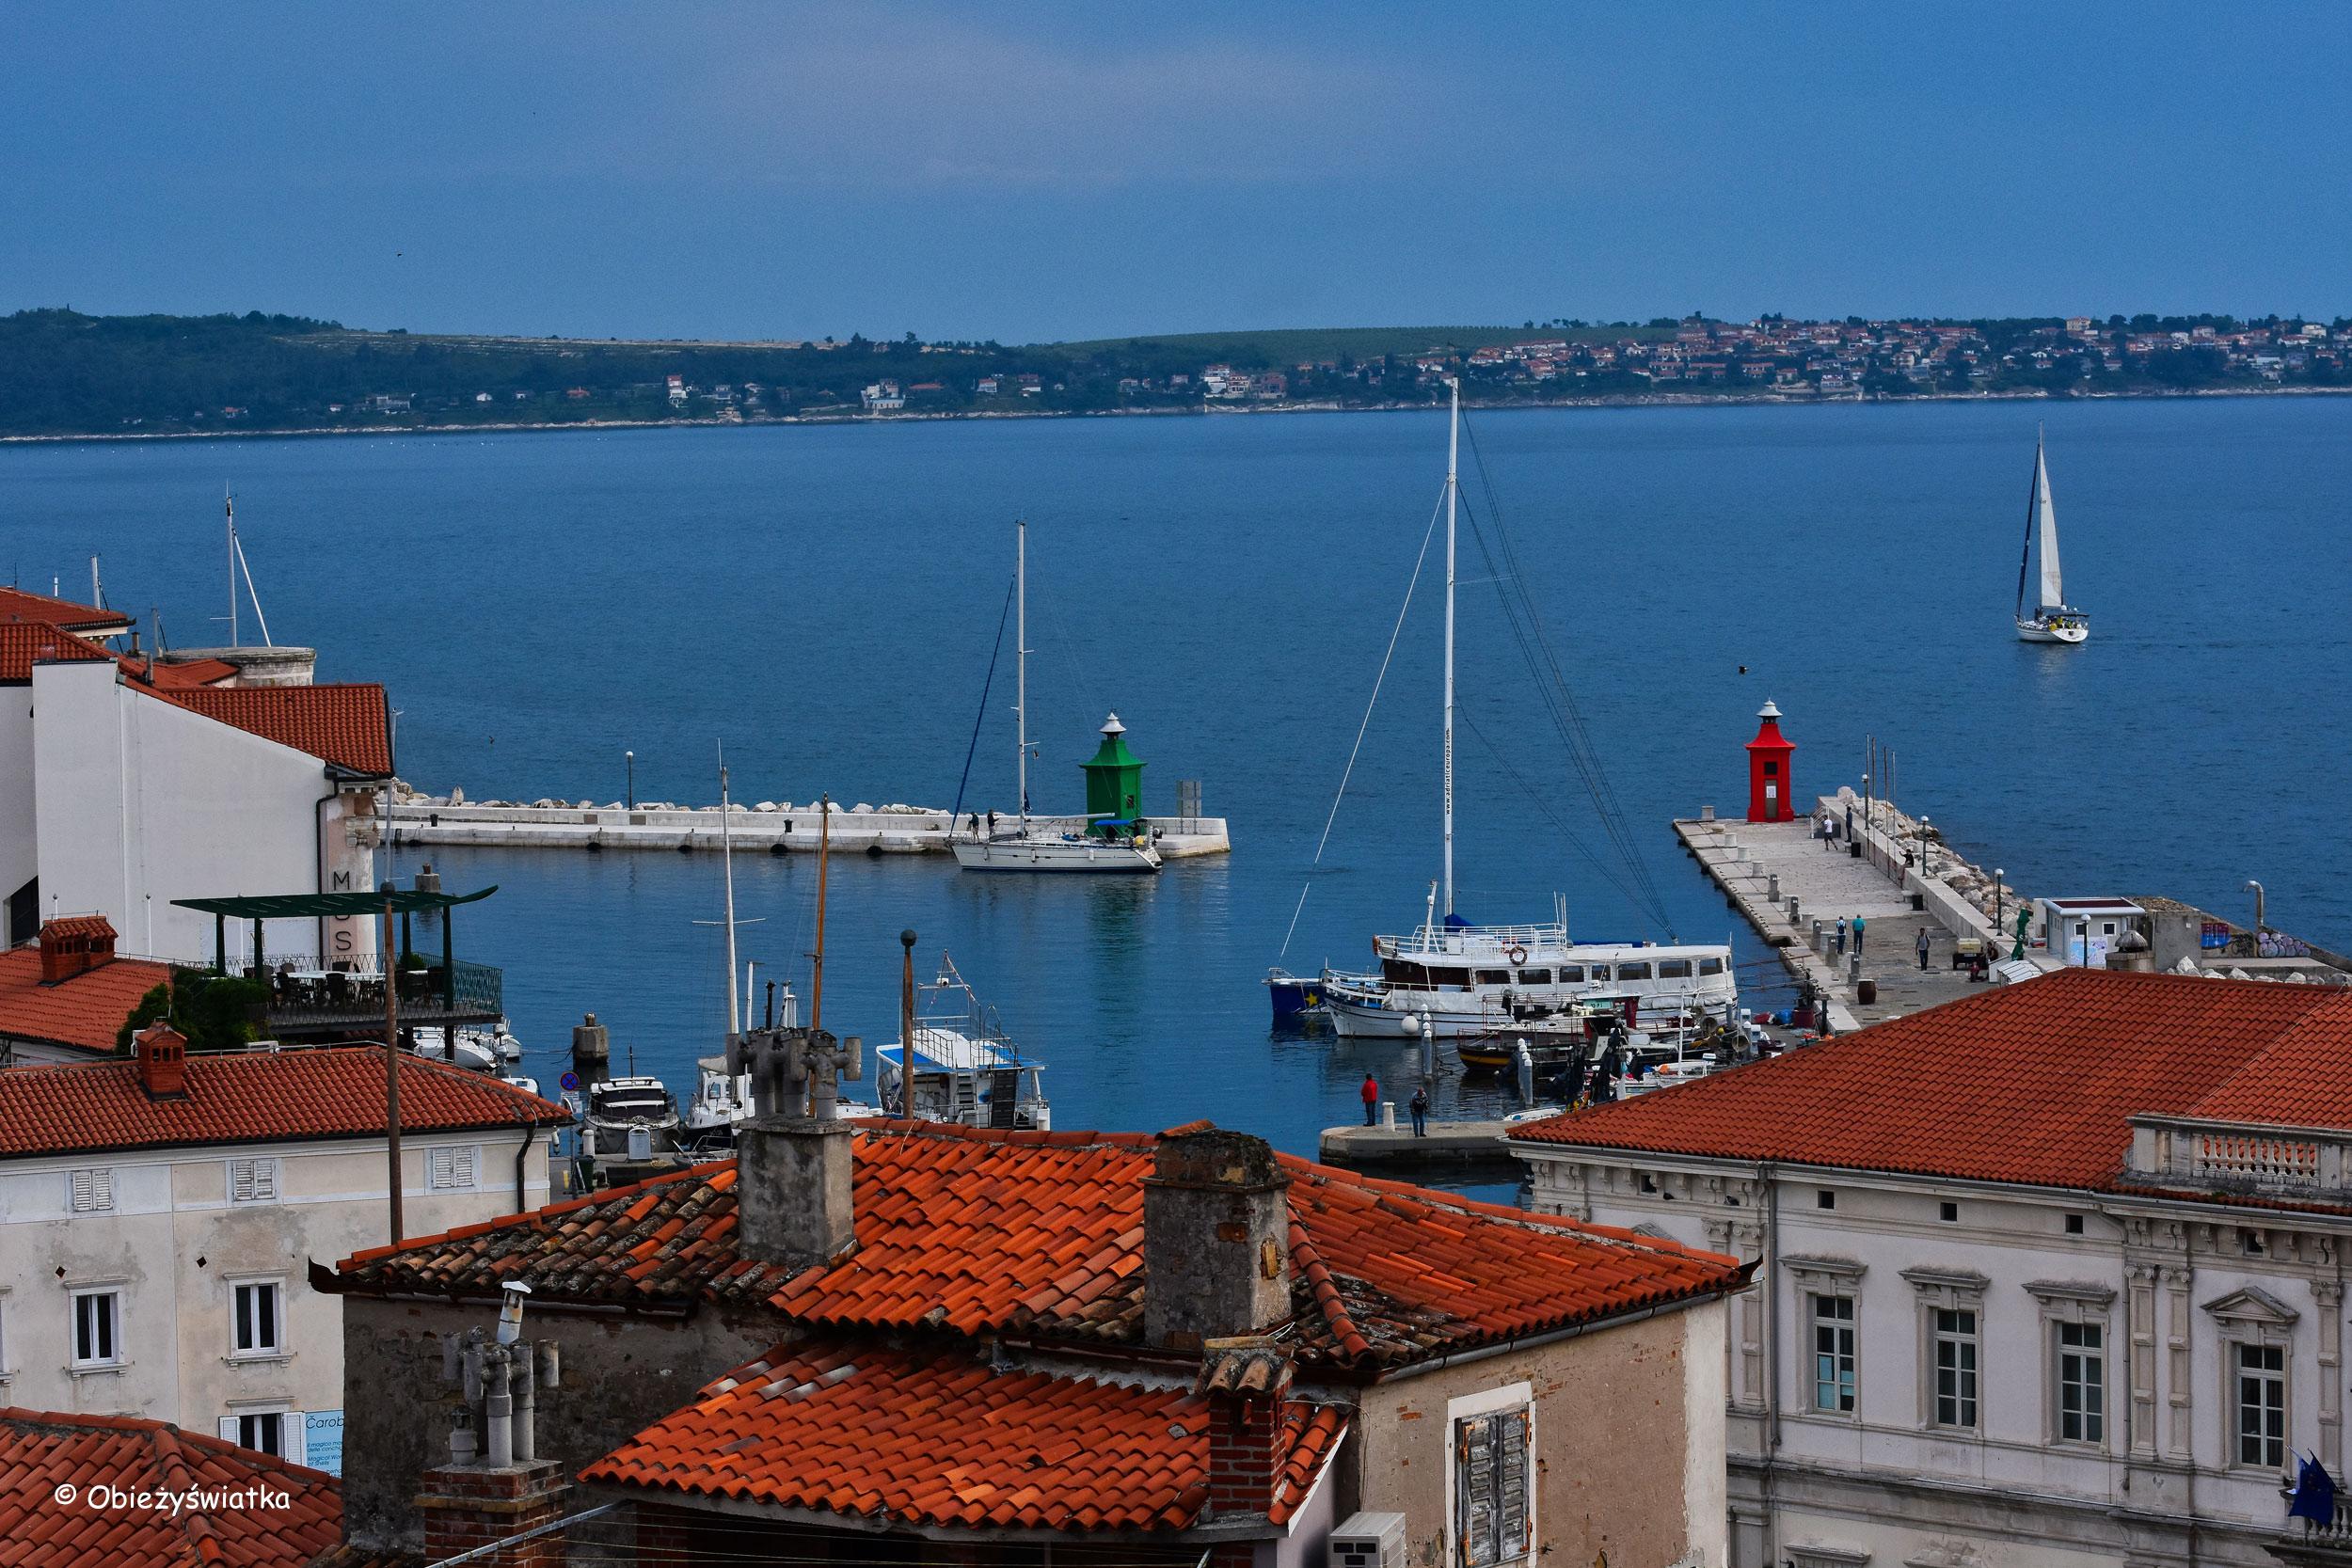 Morze Adriatyckie i port w Piranie, Słowenia